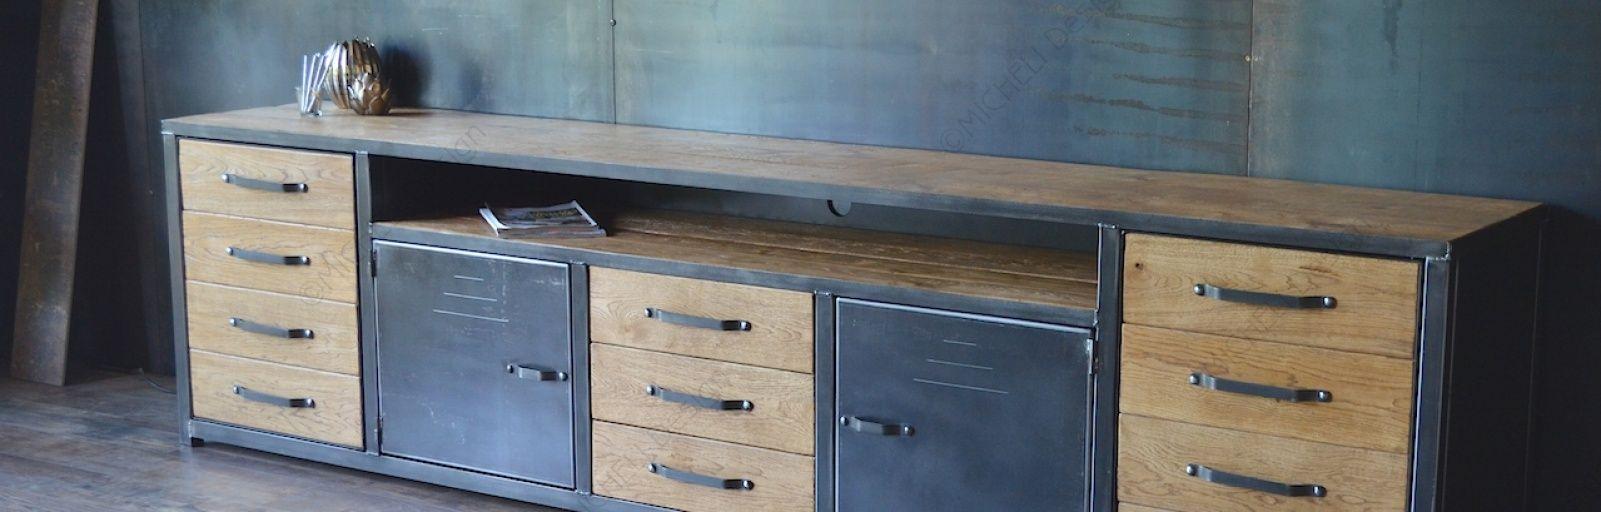 MICHELI DESIGN, tables et meubles de style industriel